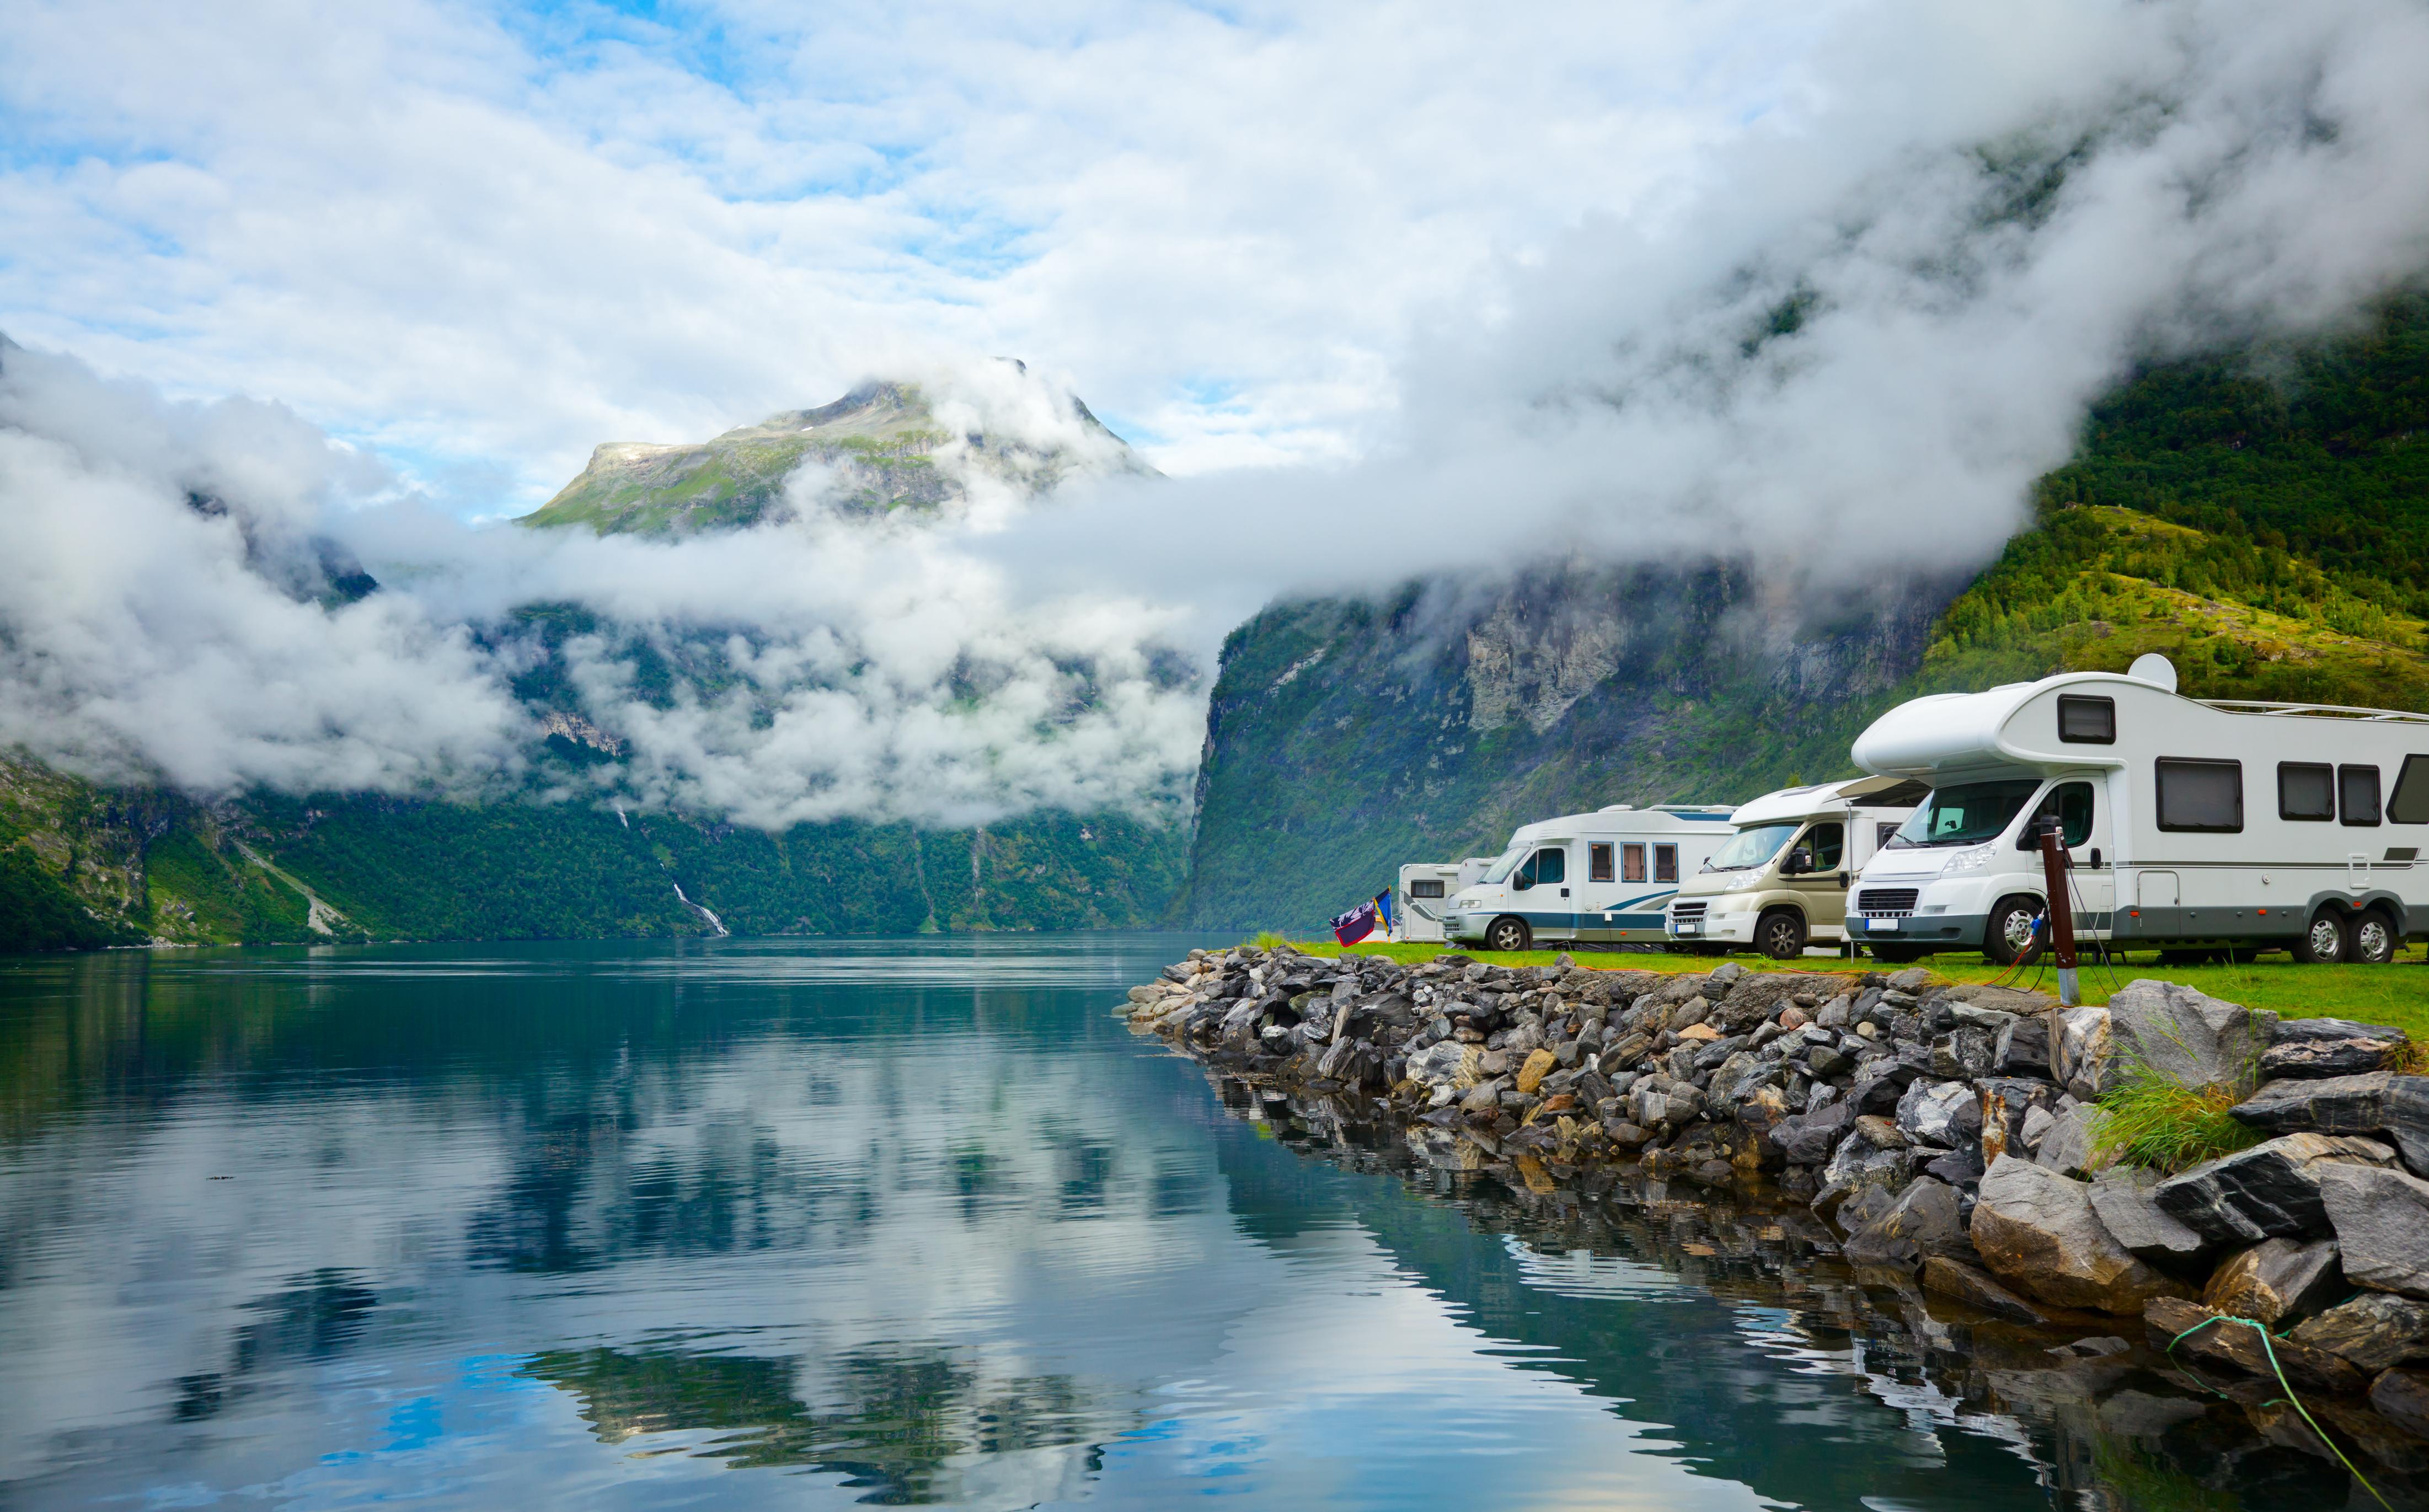 Obytné vozy u norského jezera